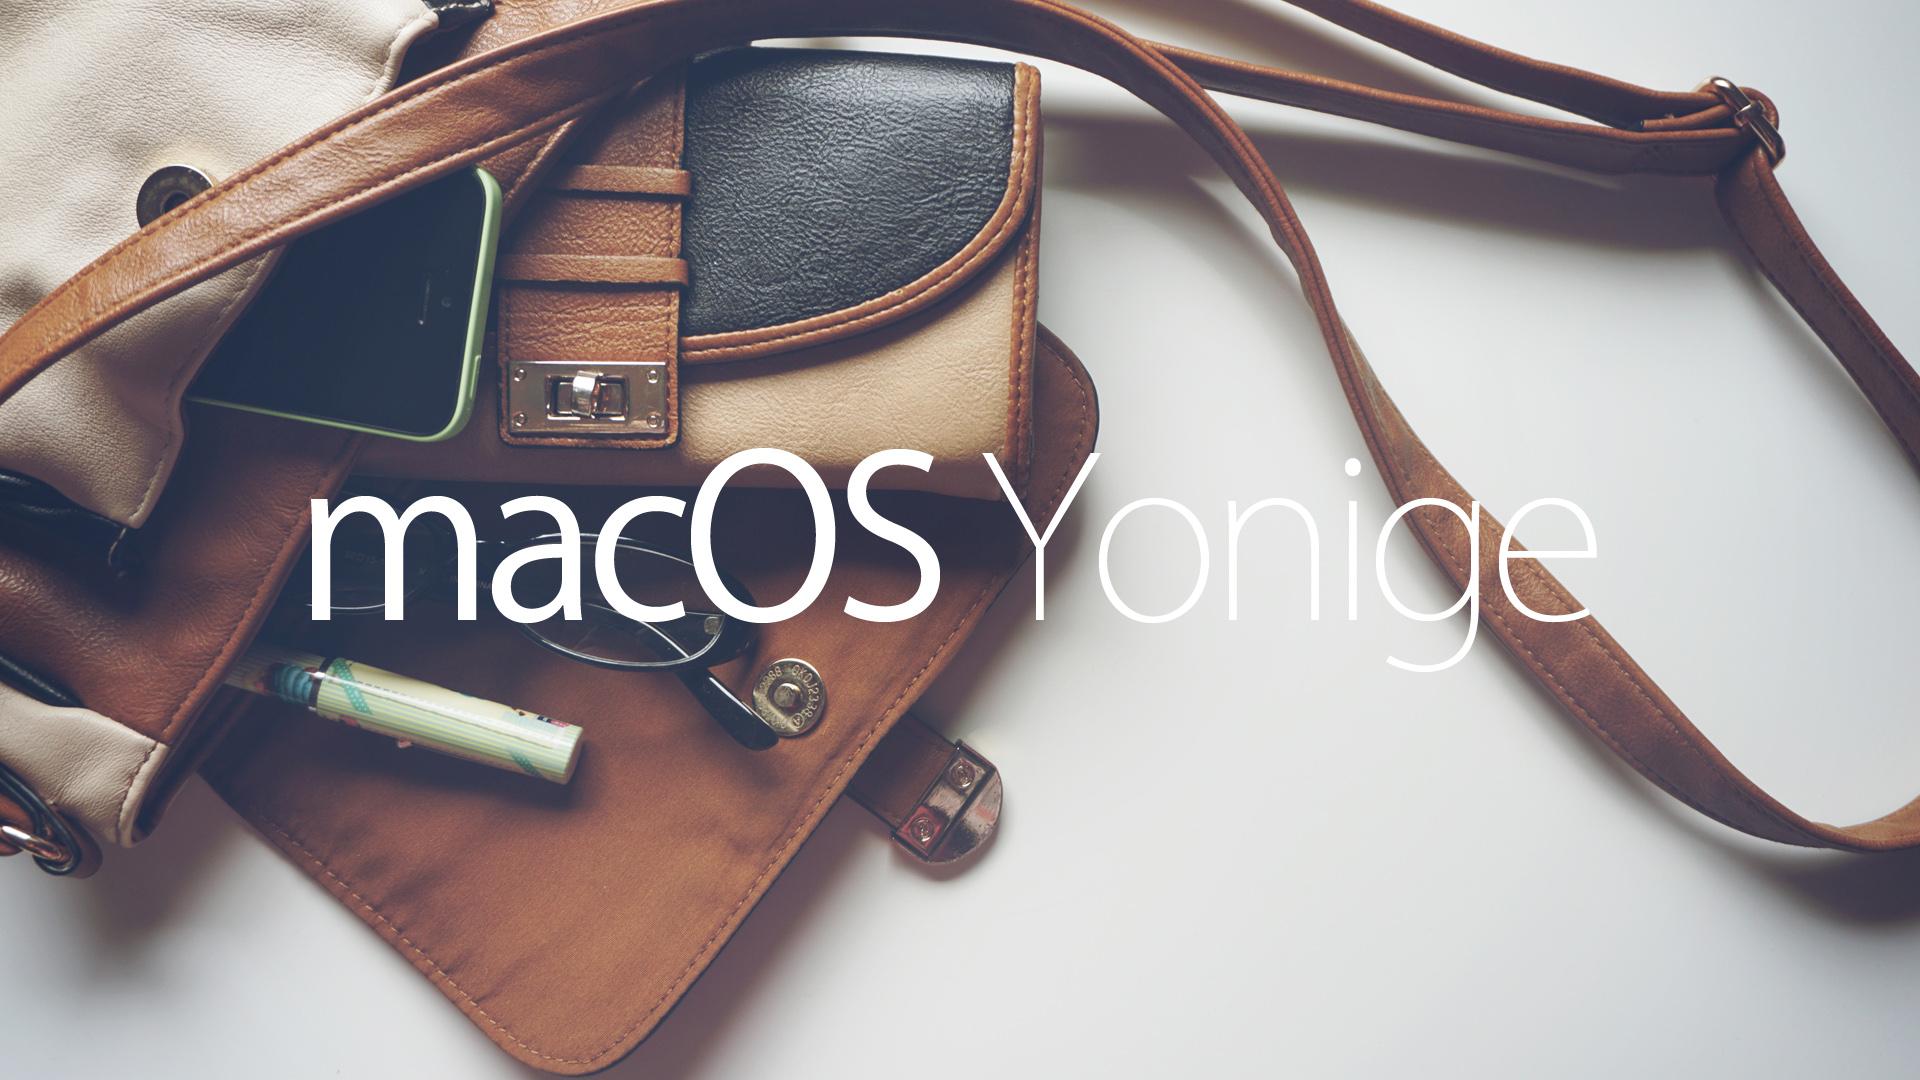 Mac OS Yonige